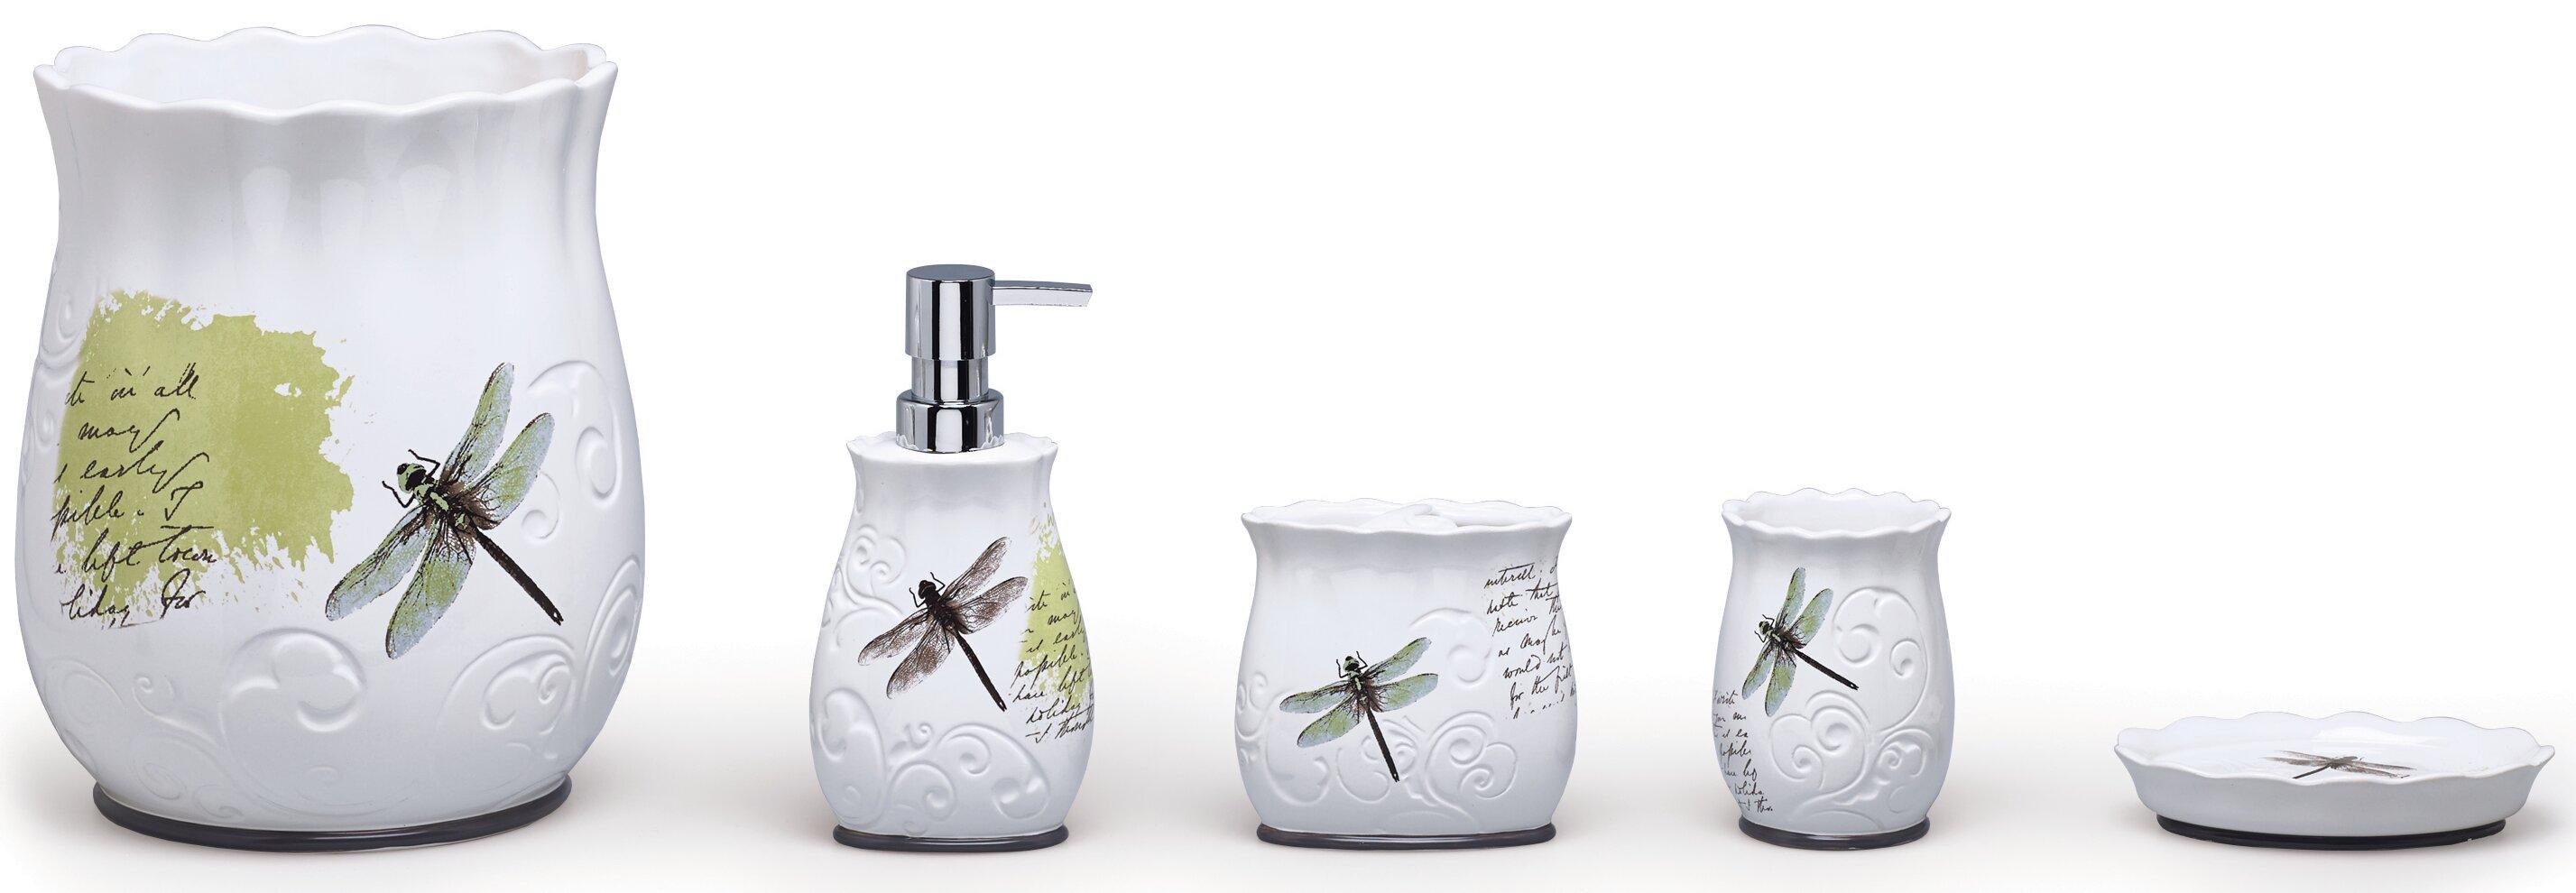 Moda At Home Dragonfly Ceramic 4-Piece Bathroom Accessory Set ...